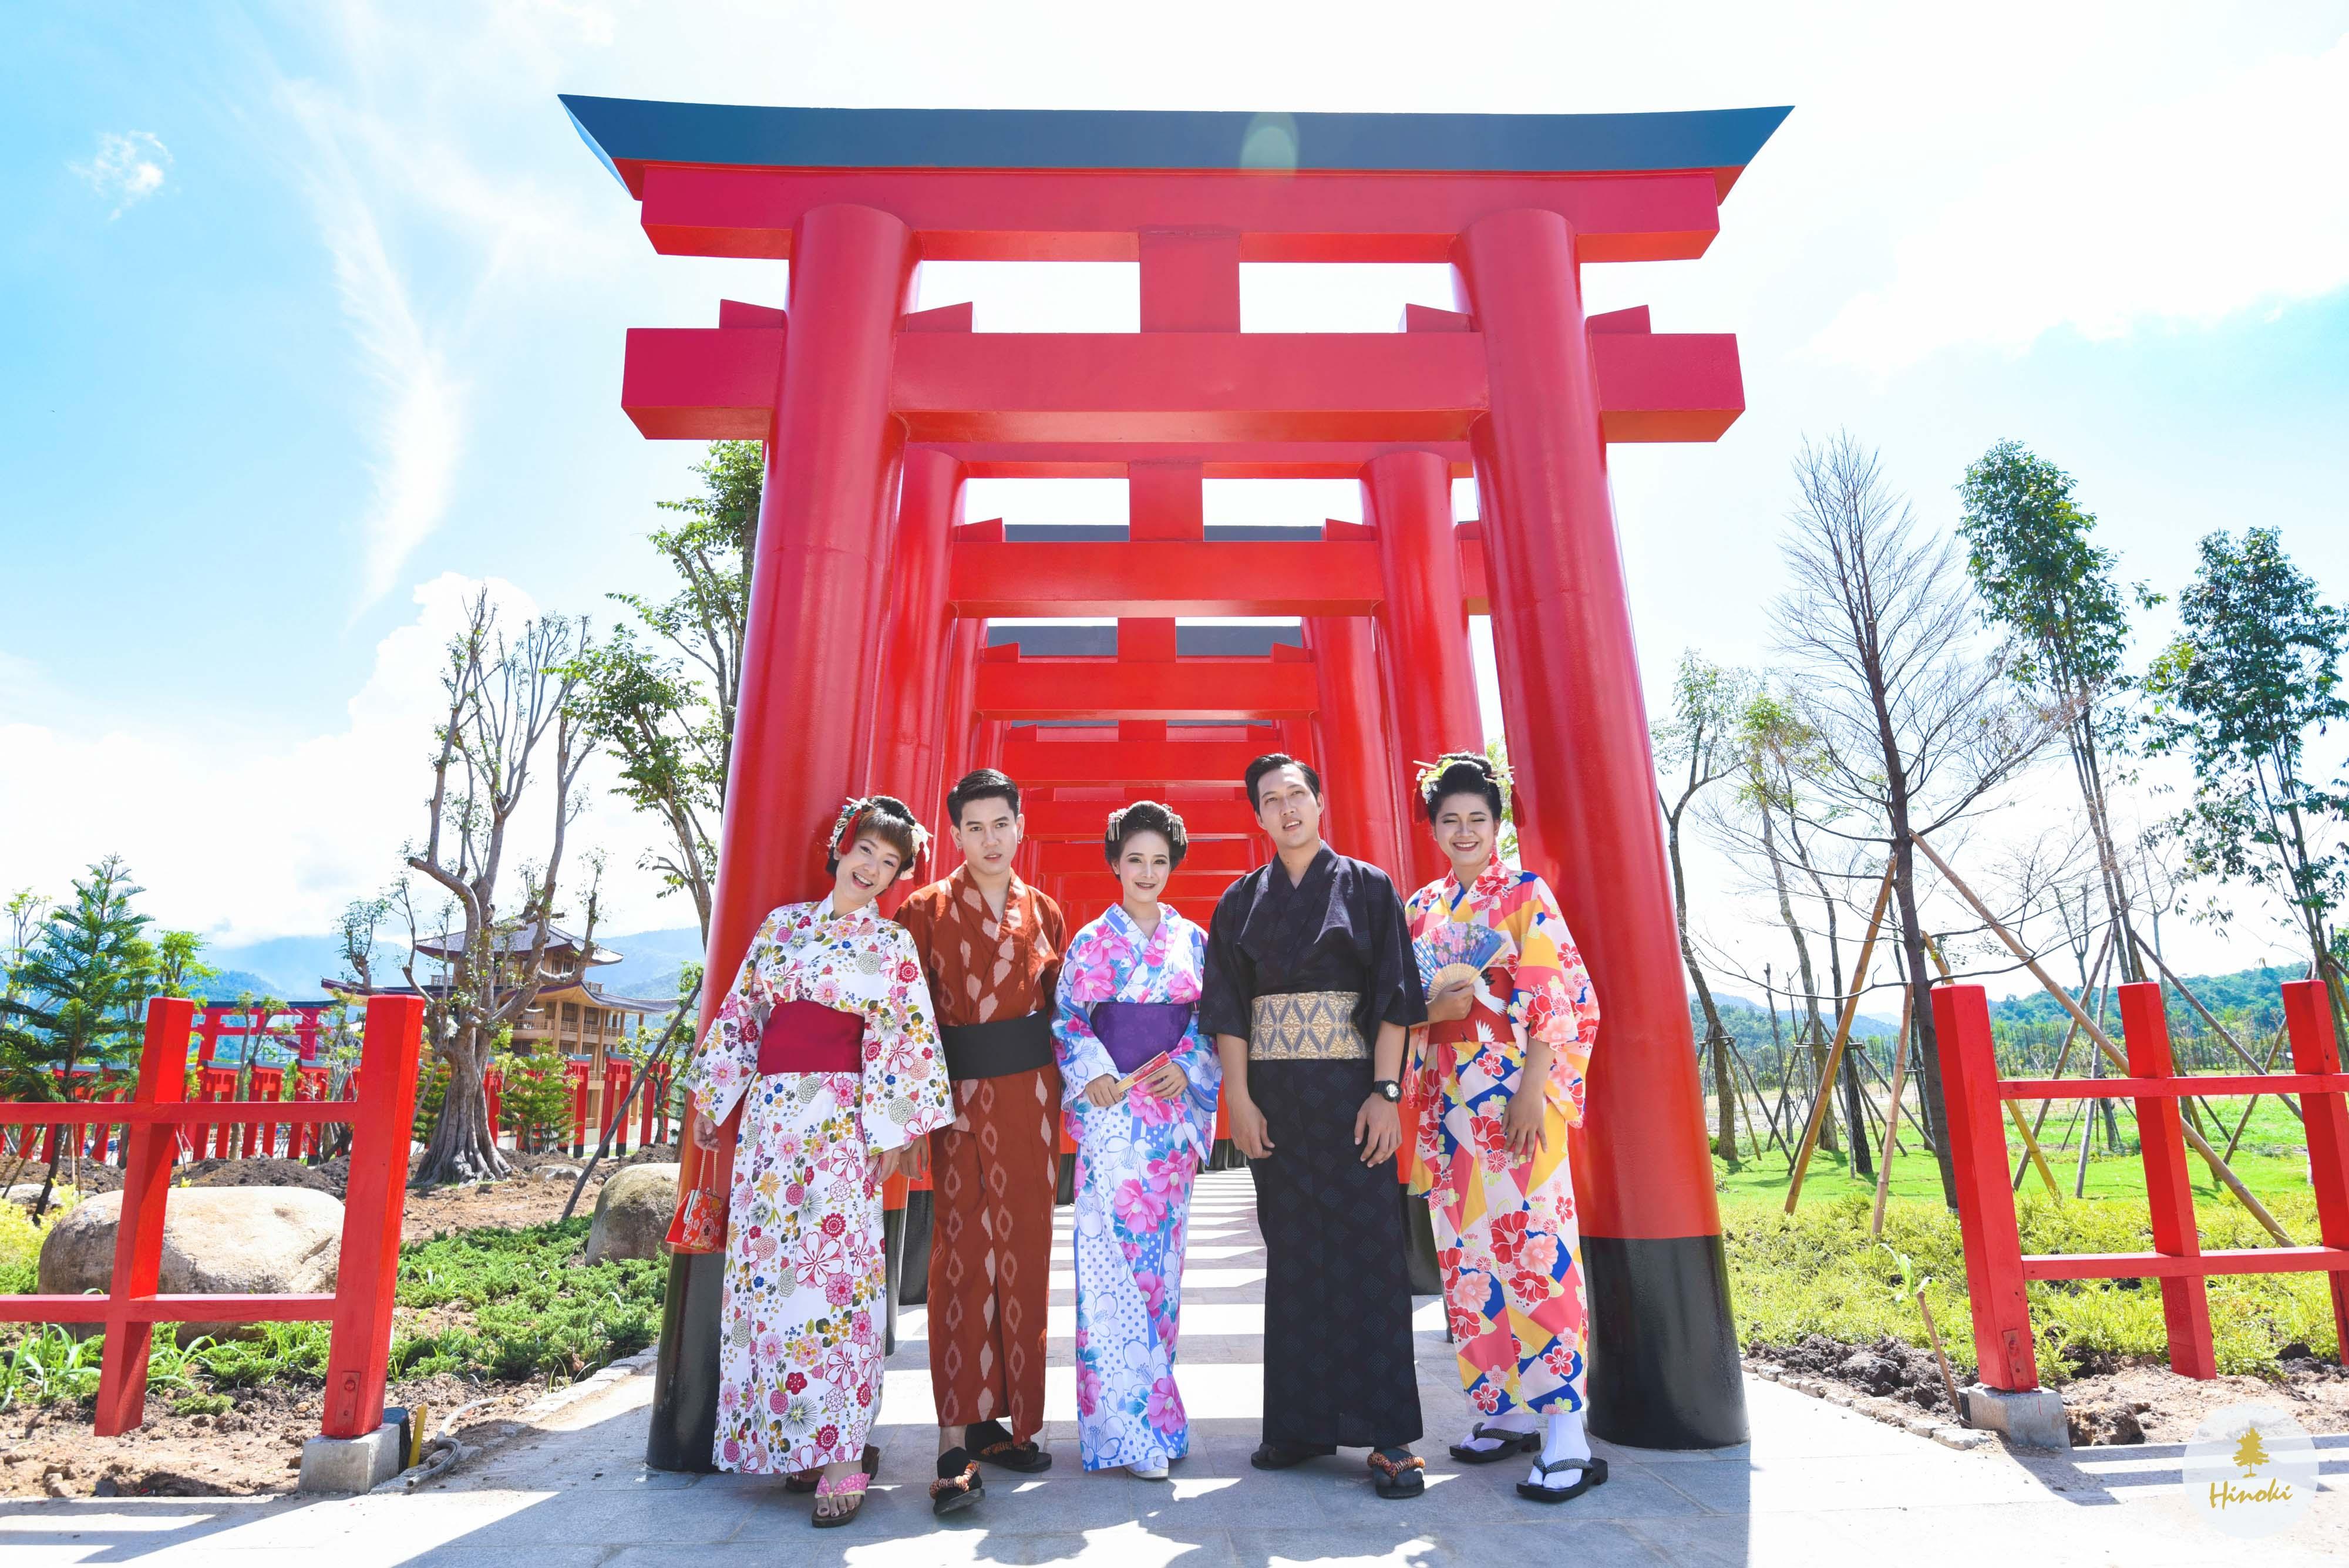 HINOKI land ที่เที่ยวเชียงใหม่สไตล์ญี่ปุ่น นครศรีดีย์